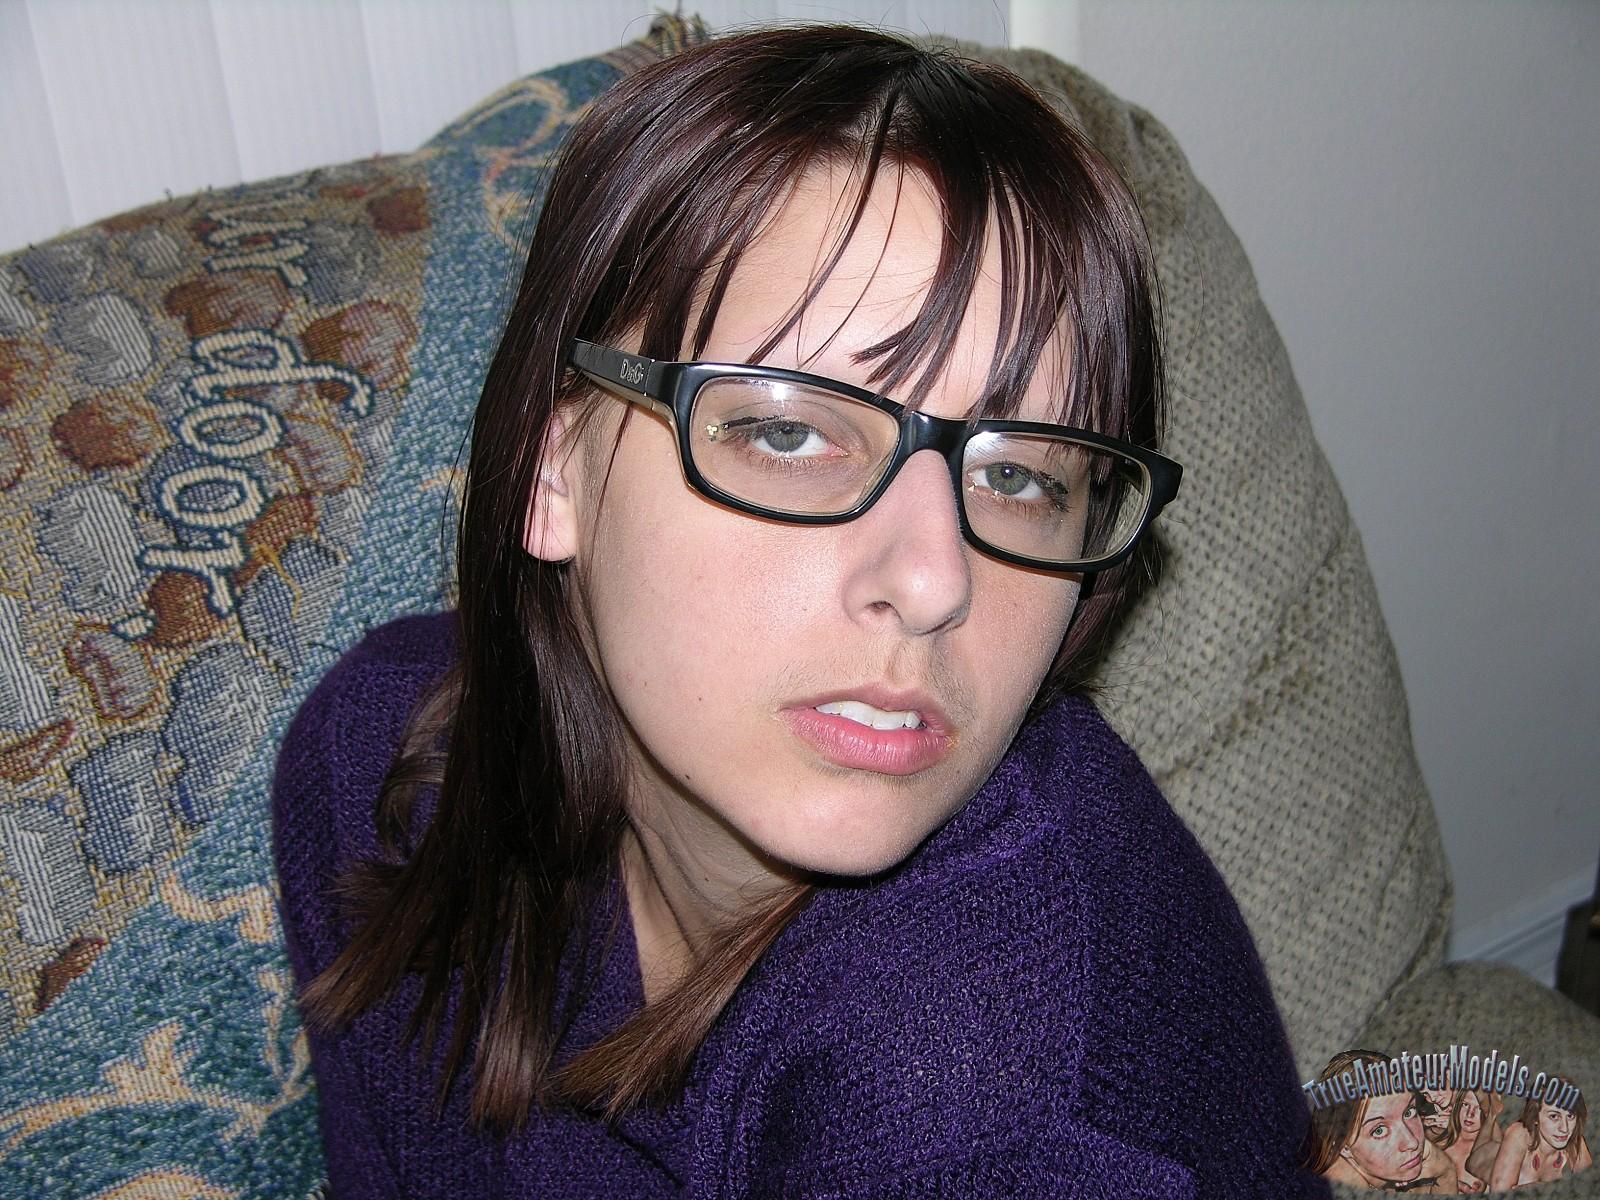 Hell hairy nerd pics tinny chick